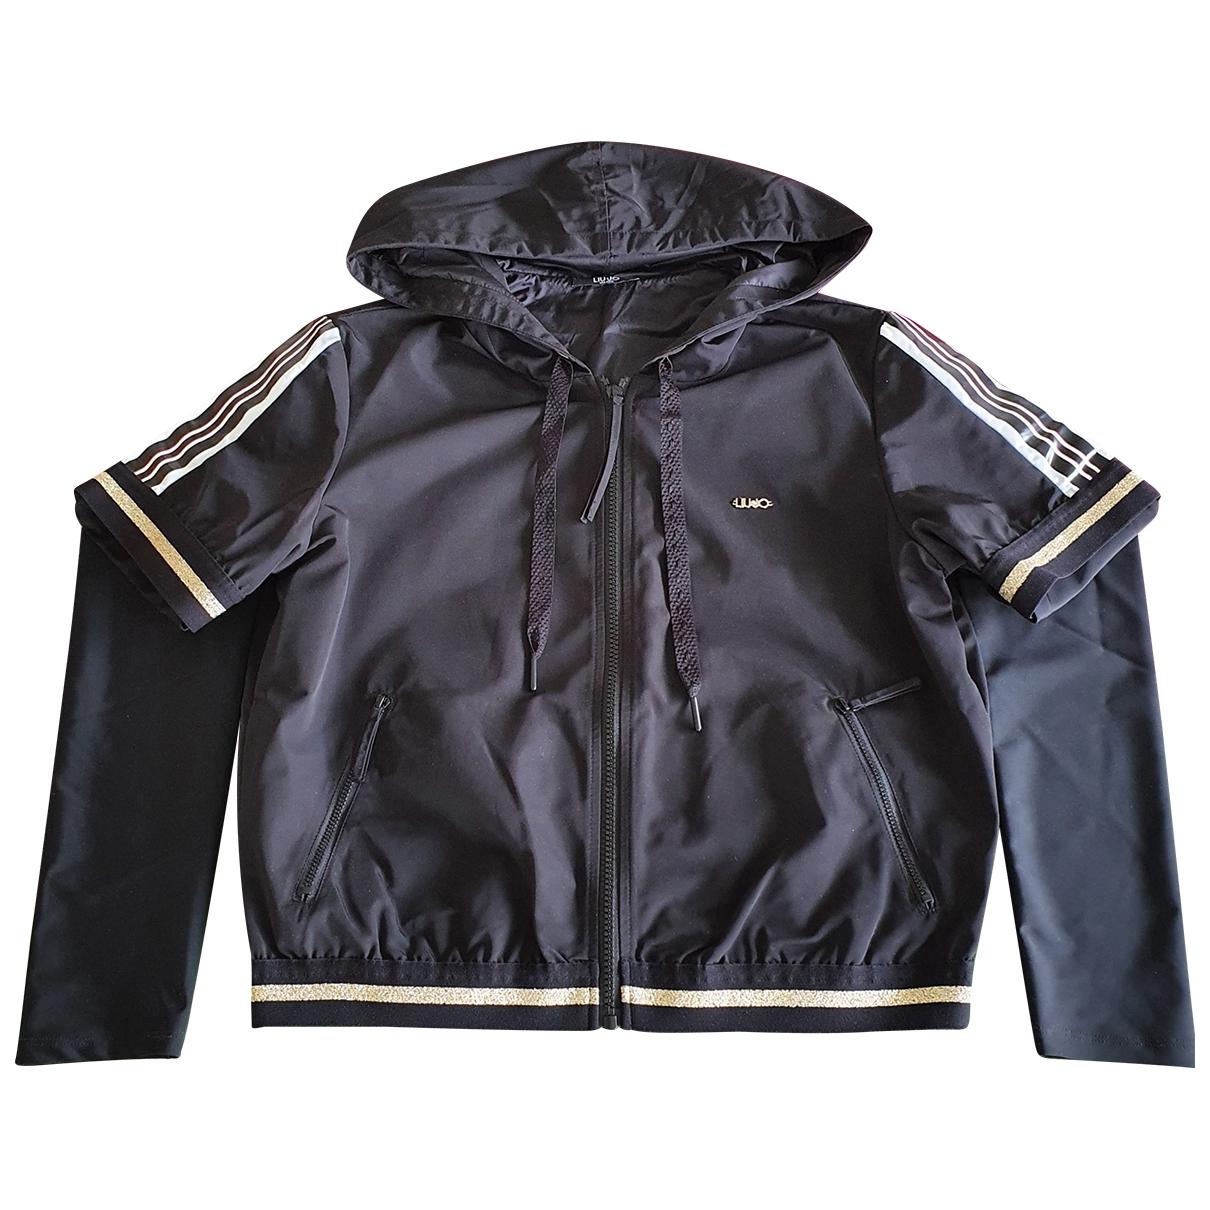 Liu.jo \N Black Leather jacket for Women S International